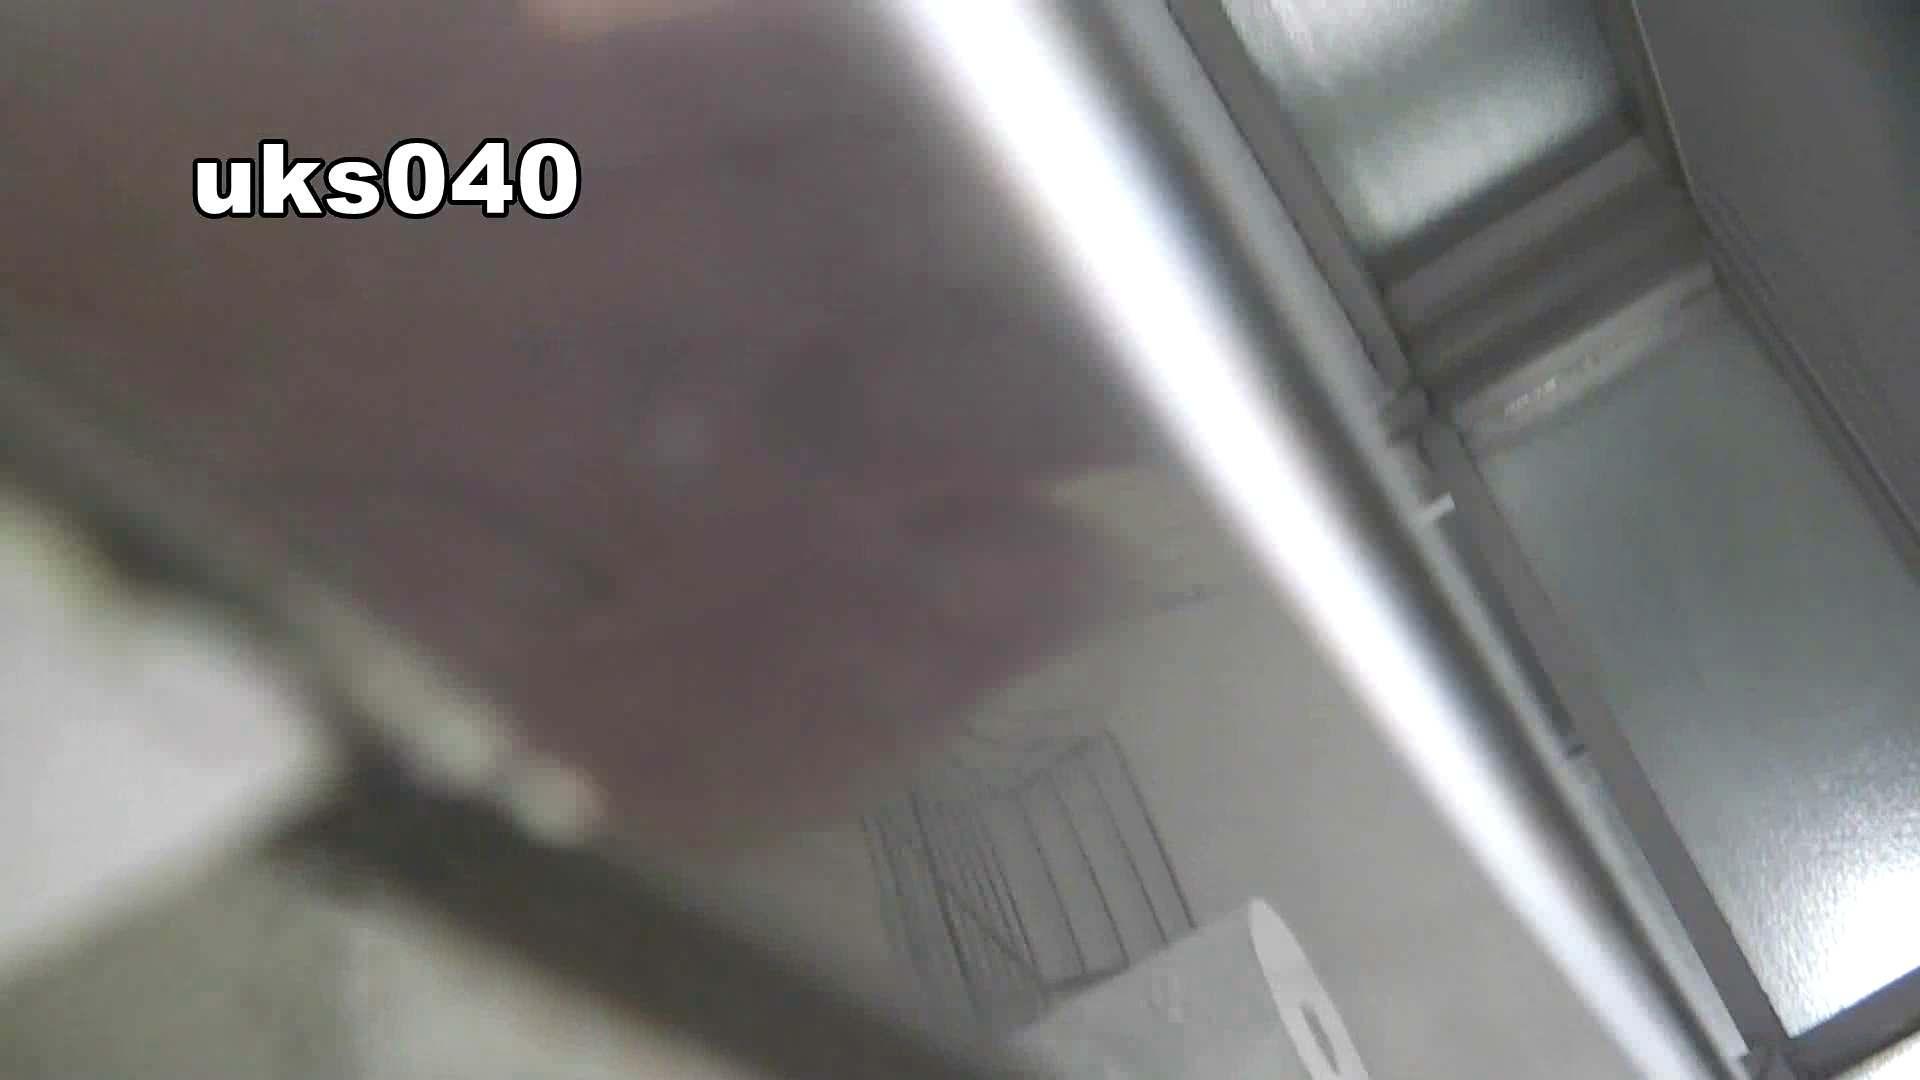 【美しき個室な世界】 vol.040 出て行かれる時の清楚姿撮り 洗面所 | 高画質  75画像 73